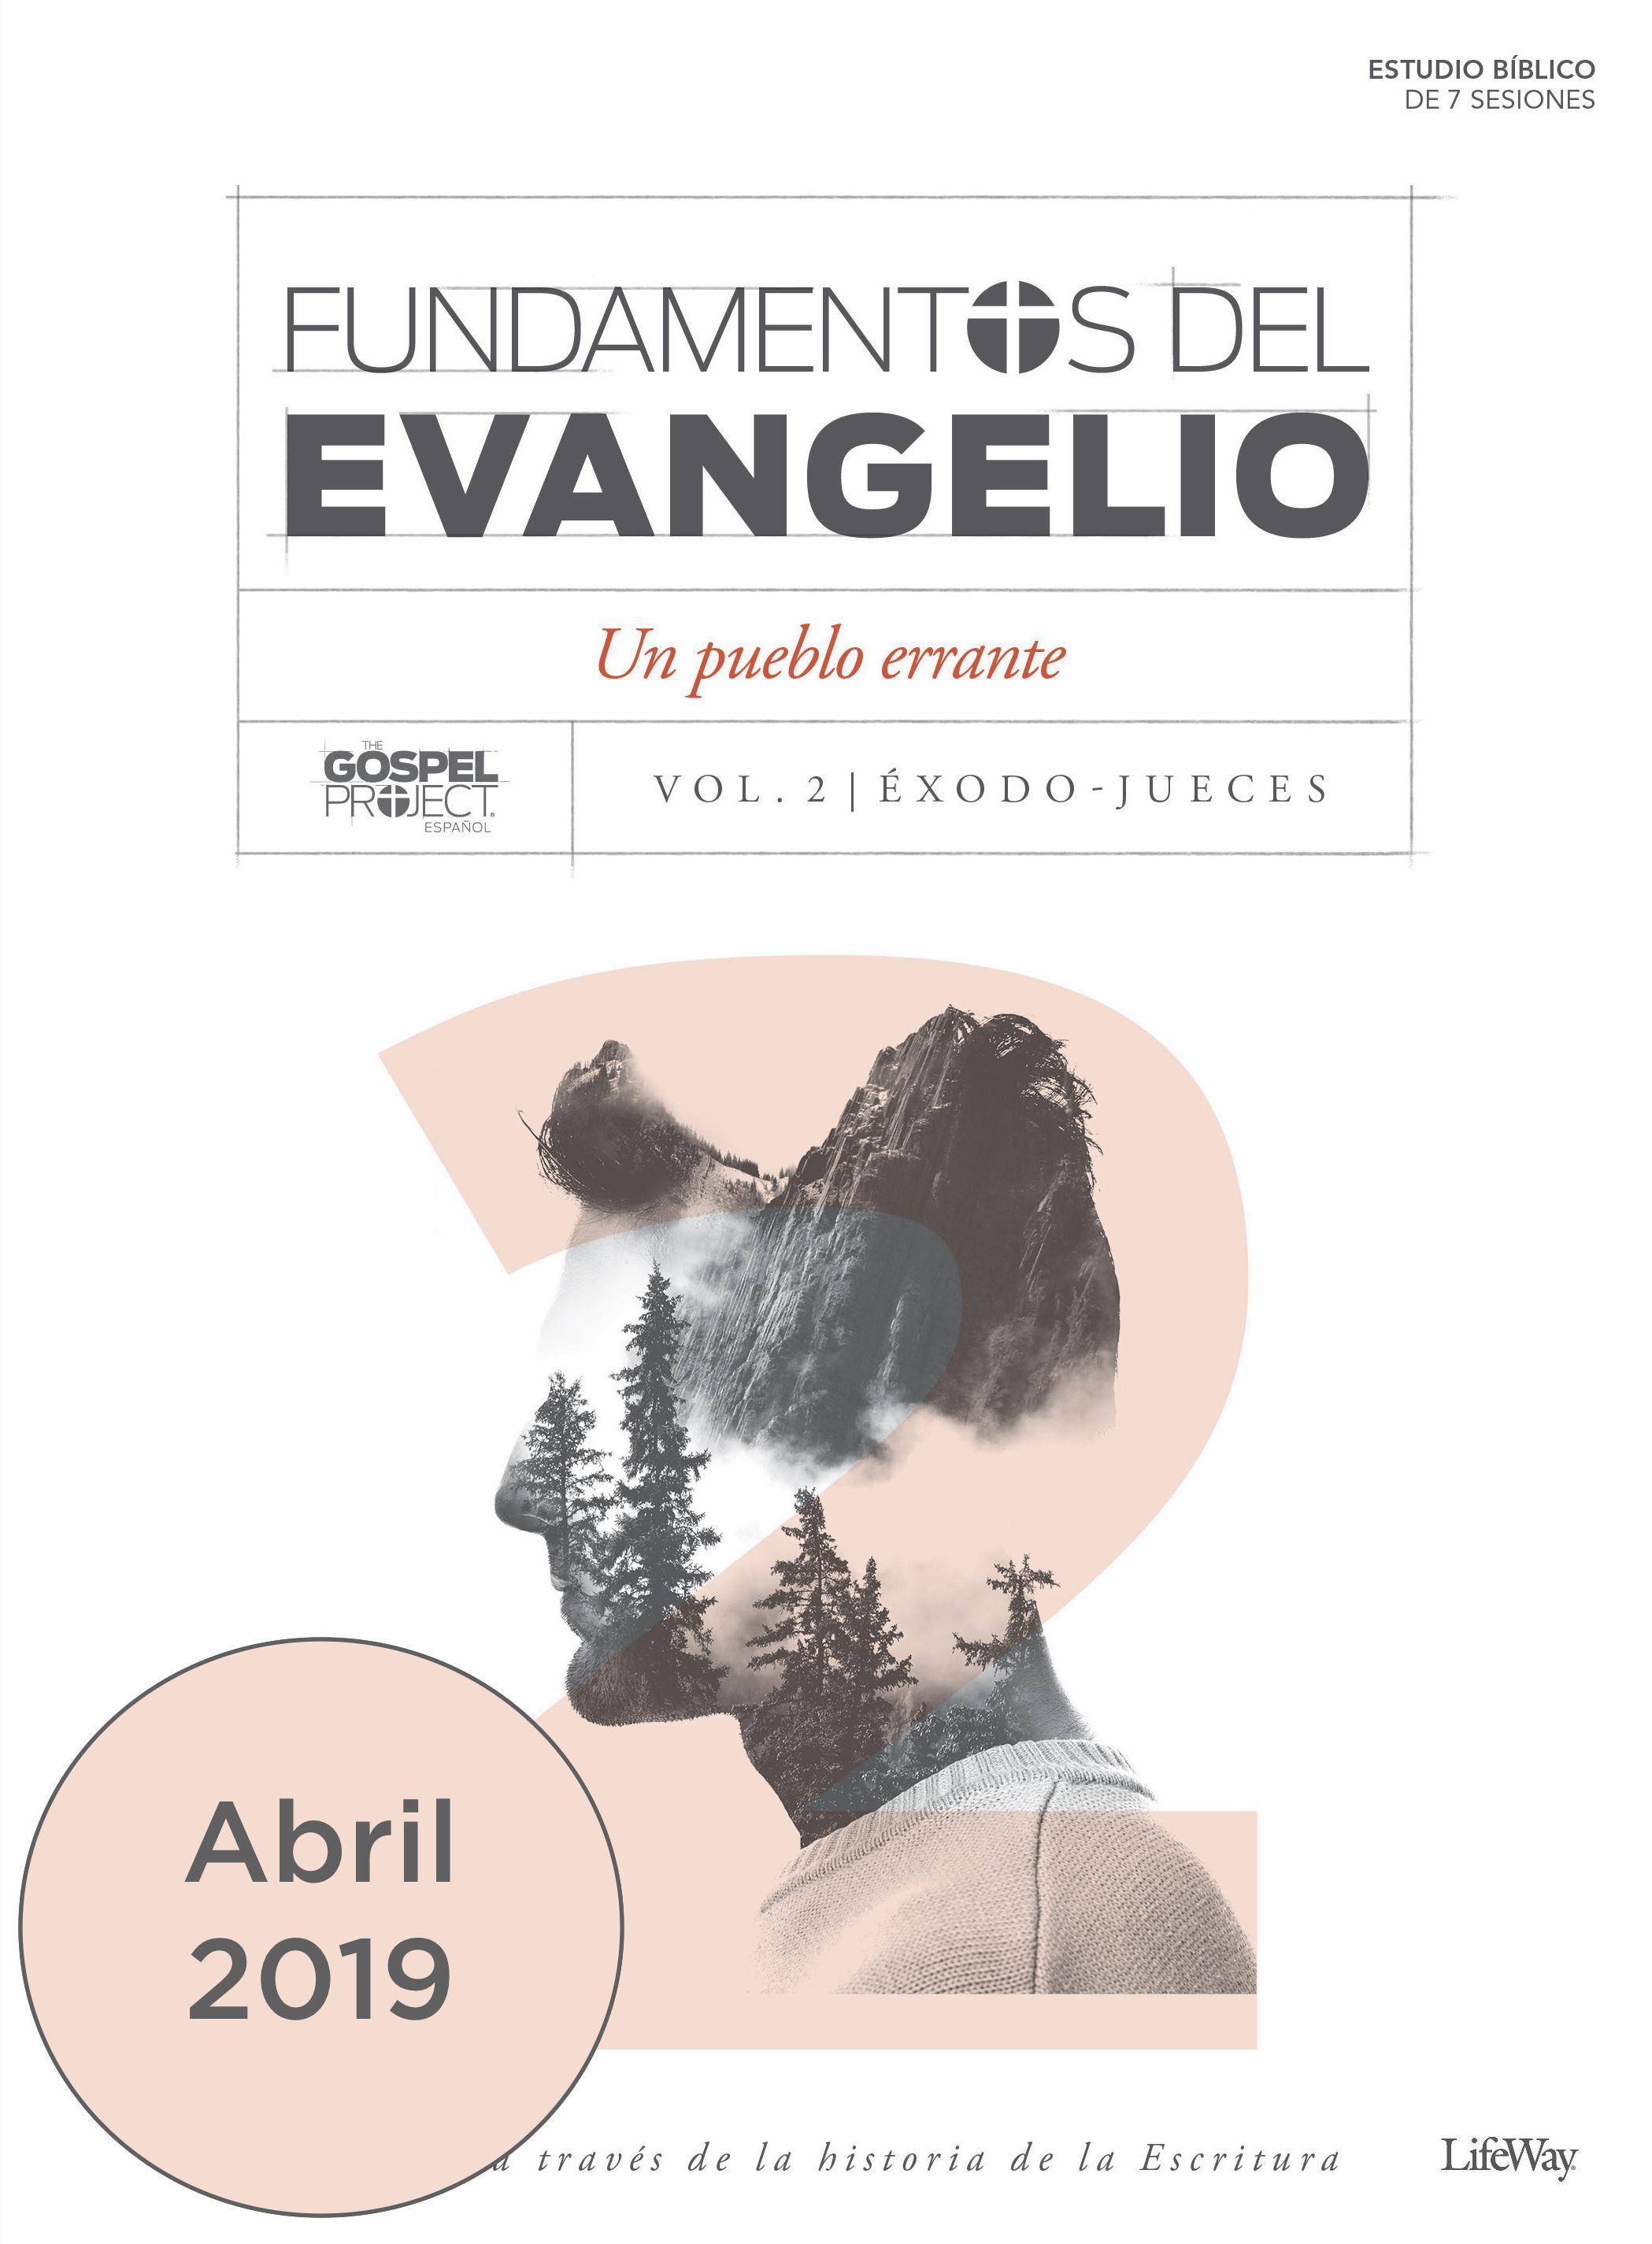 Volume 2: Fundamentos del Evangelio, Volumen 2 - Un pueblo errante | Abril 2019